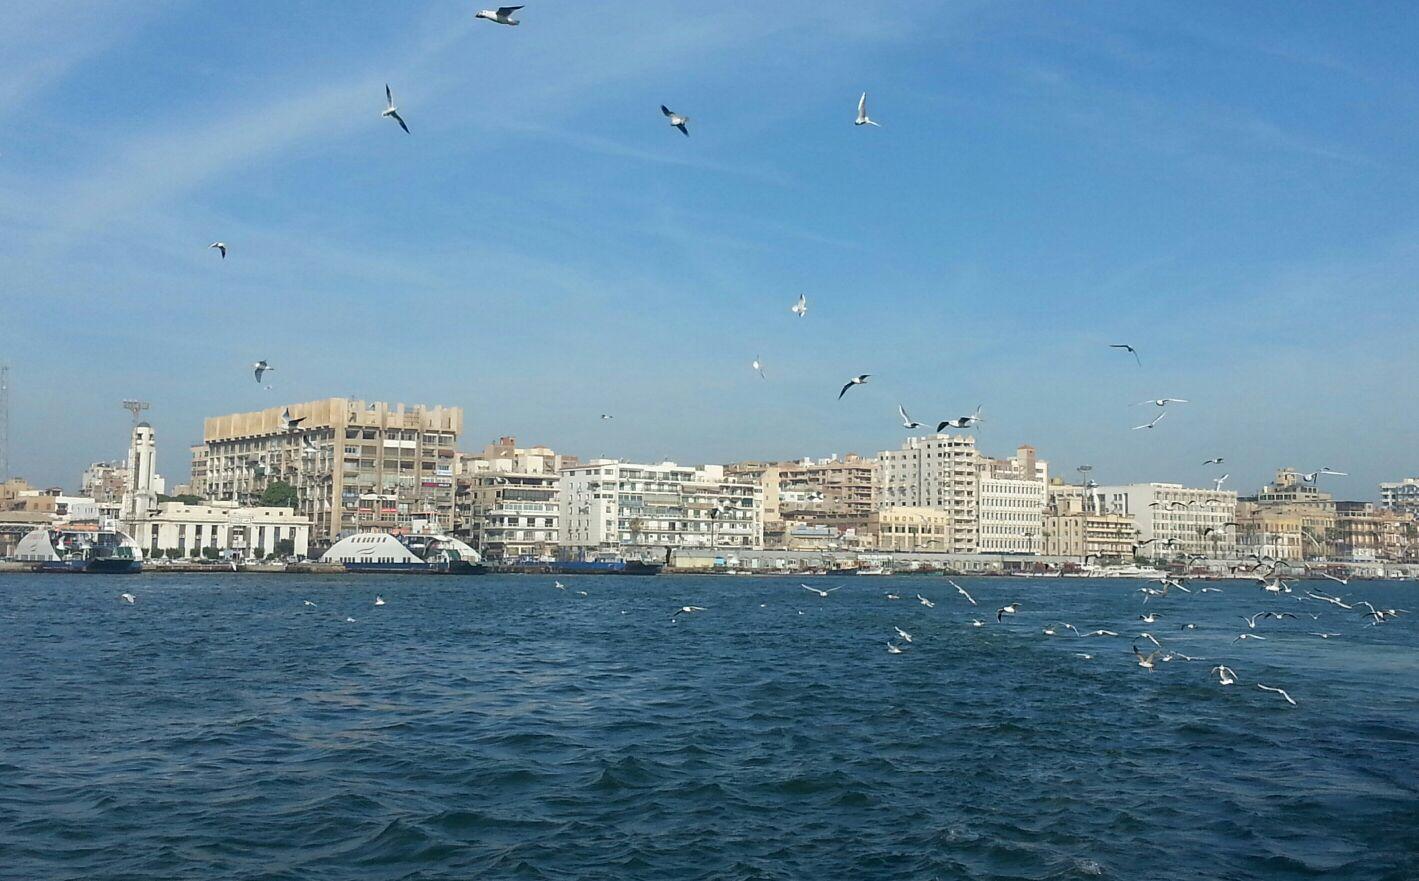 بالصور.. في بورسعيد.. ركاب المعدية اعتادوا إلقاء بقايا الخبز لإطعام طيور النورس